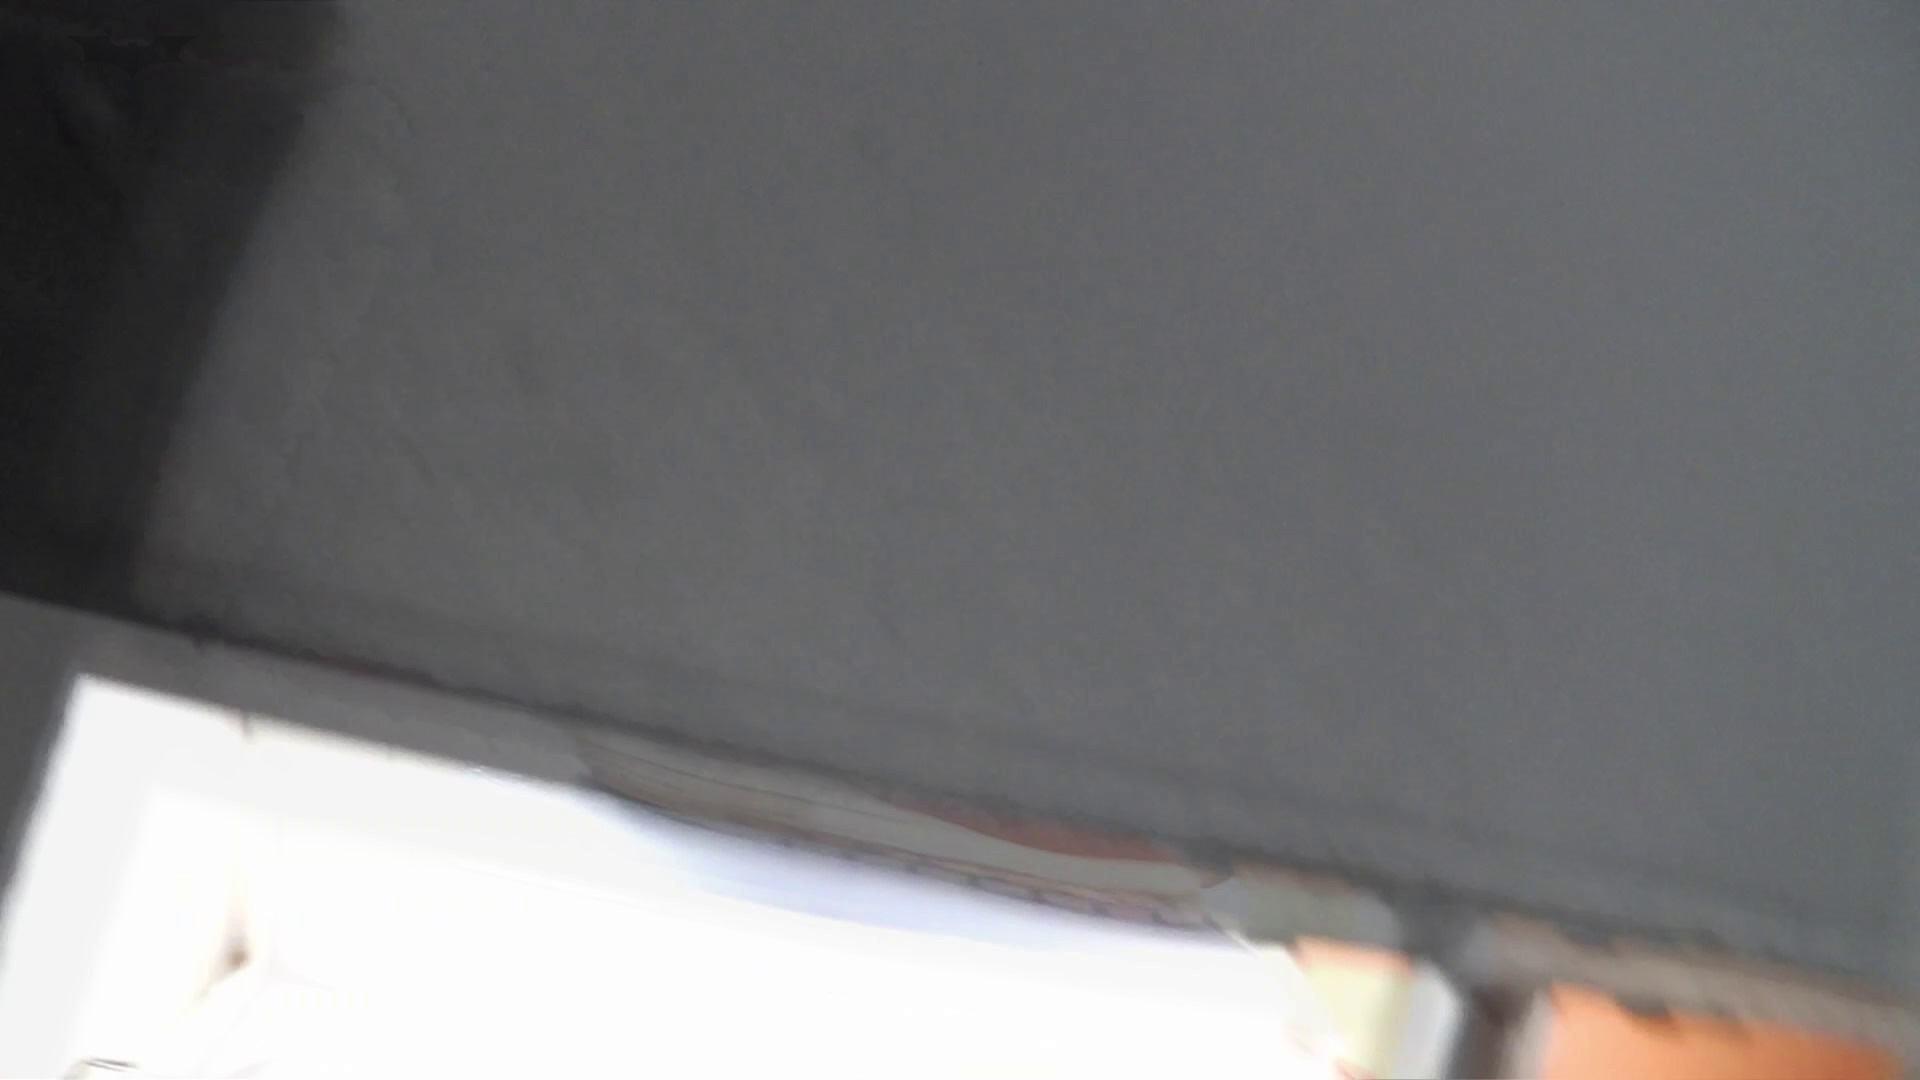 なんだこれVol.12 美魔女登場、 HD万歳!! 違いが判る映像美!! テクニック   エッチすぎるOL達  102連発 67